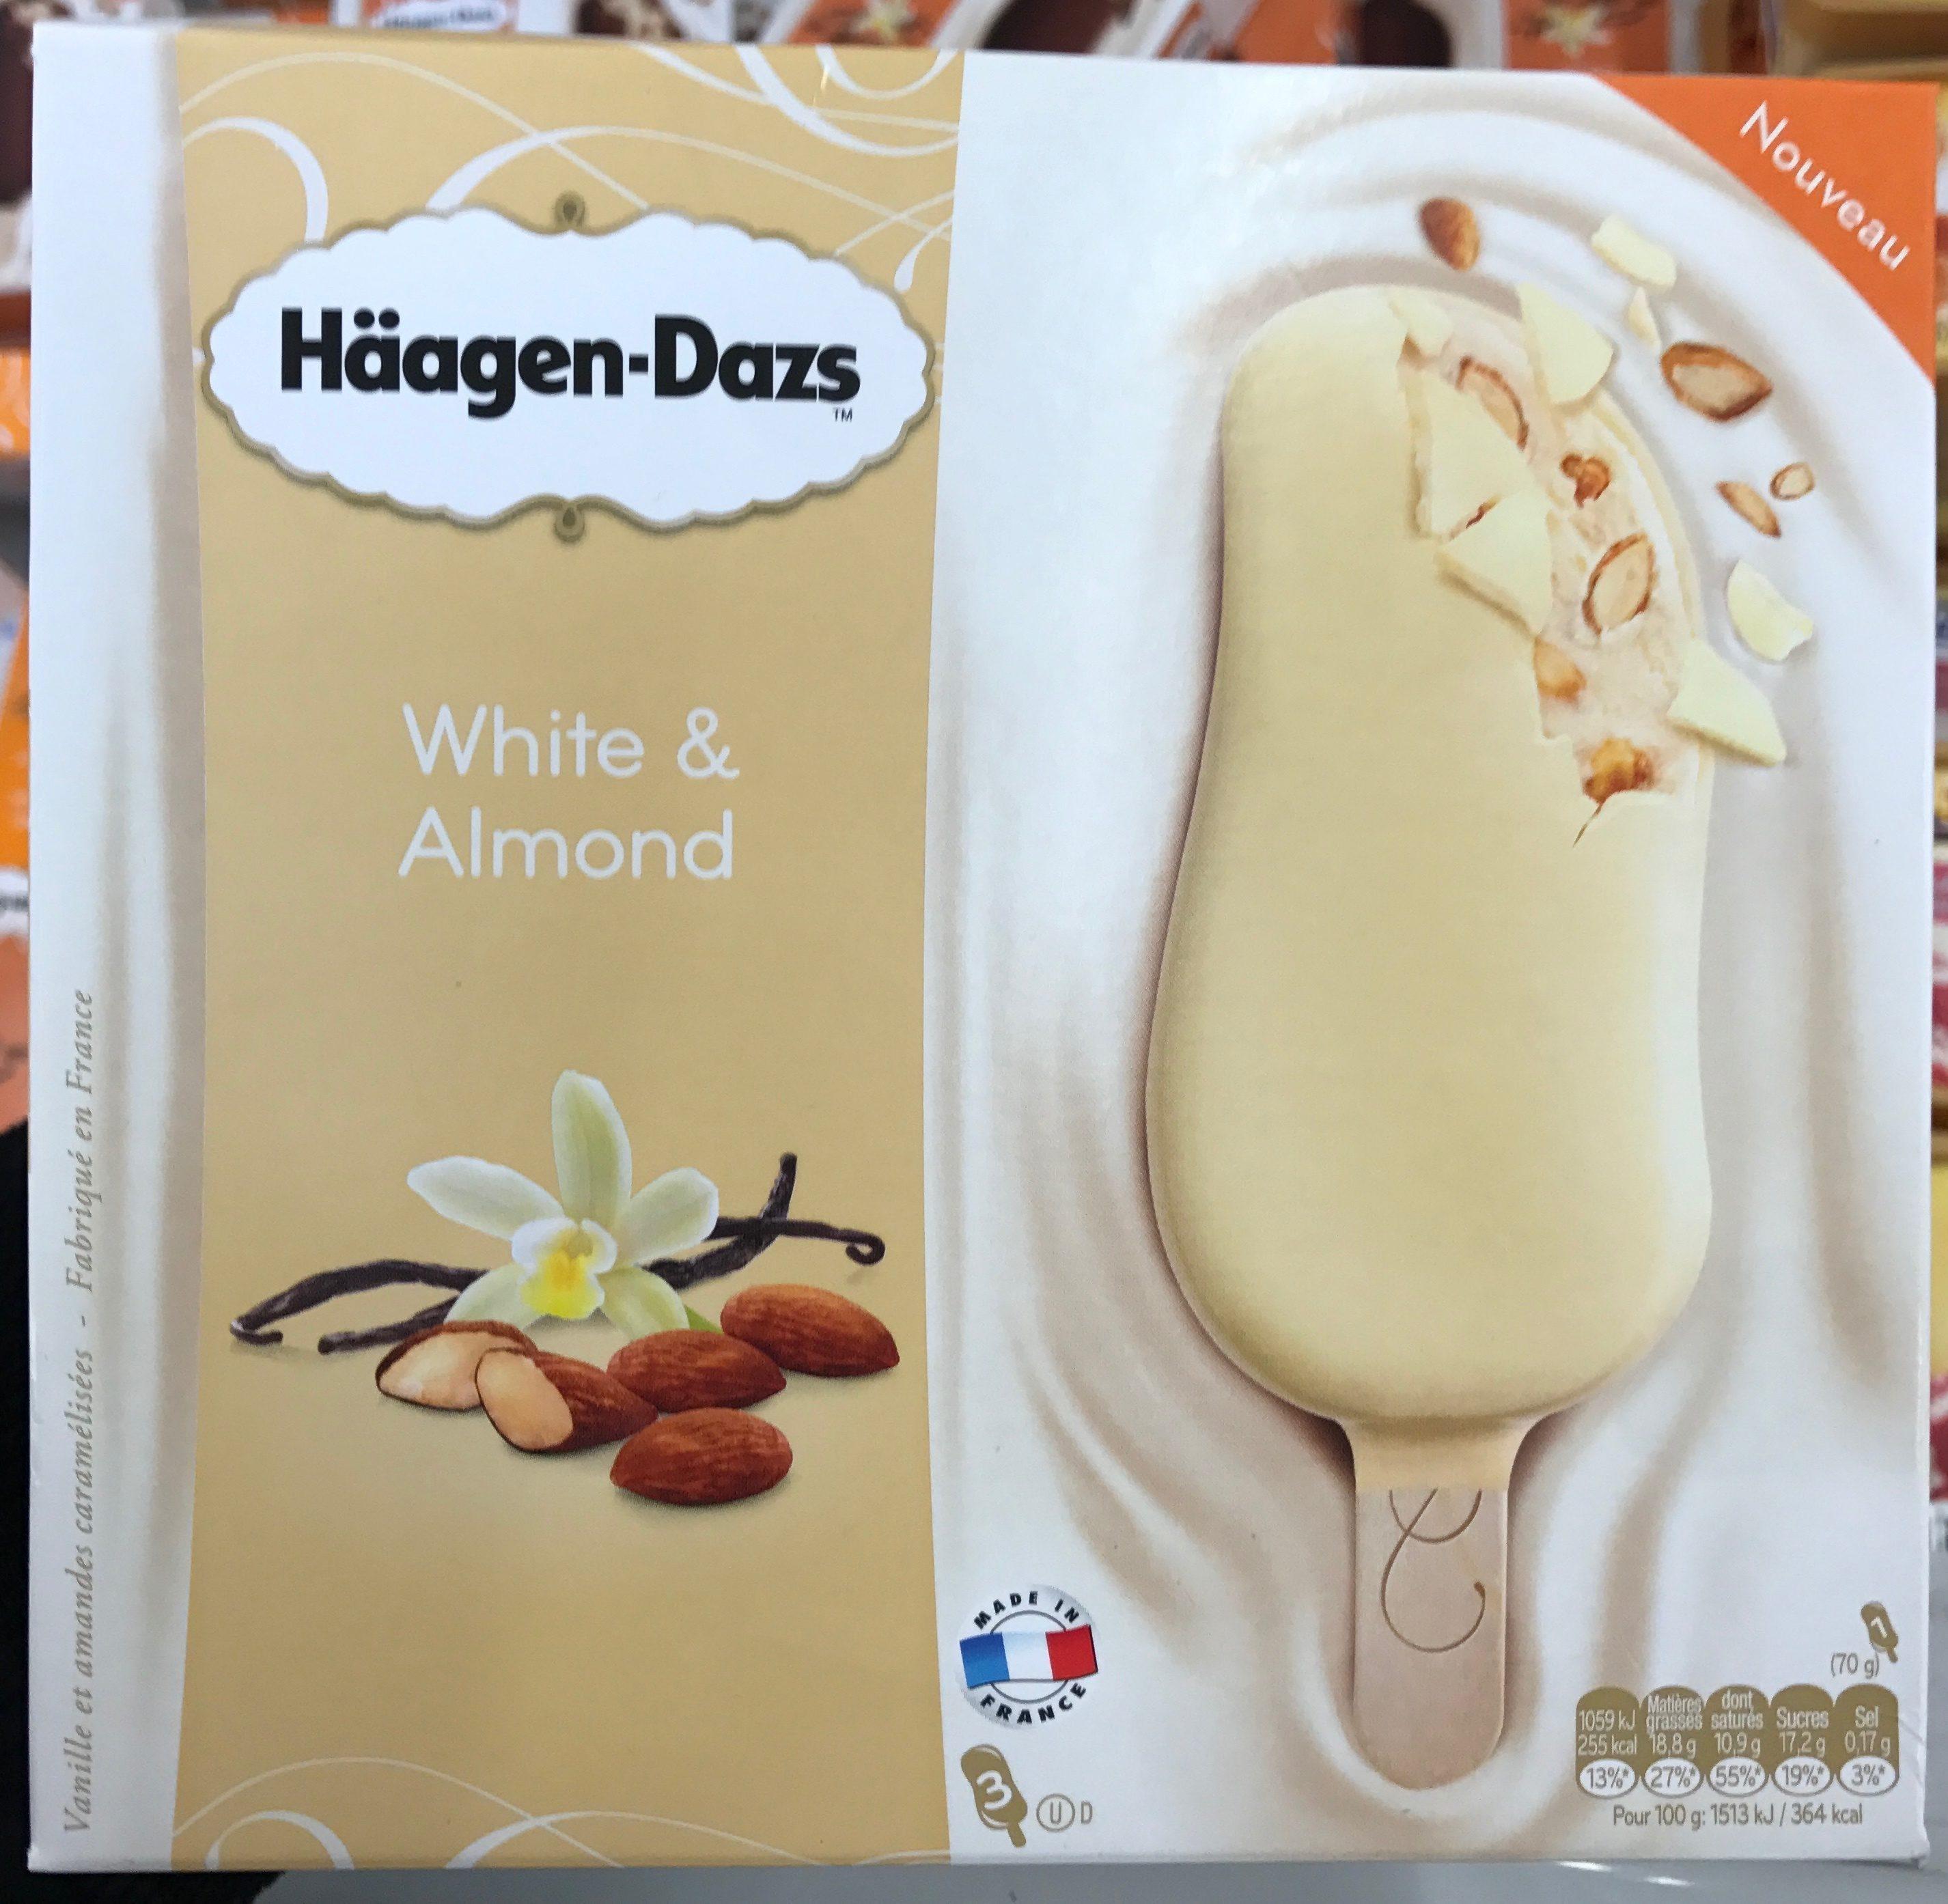 White & Almond - Häagen-Dazs - 210 g (240 ml)